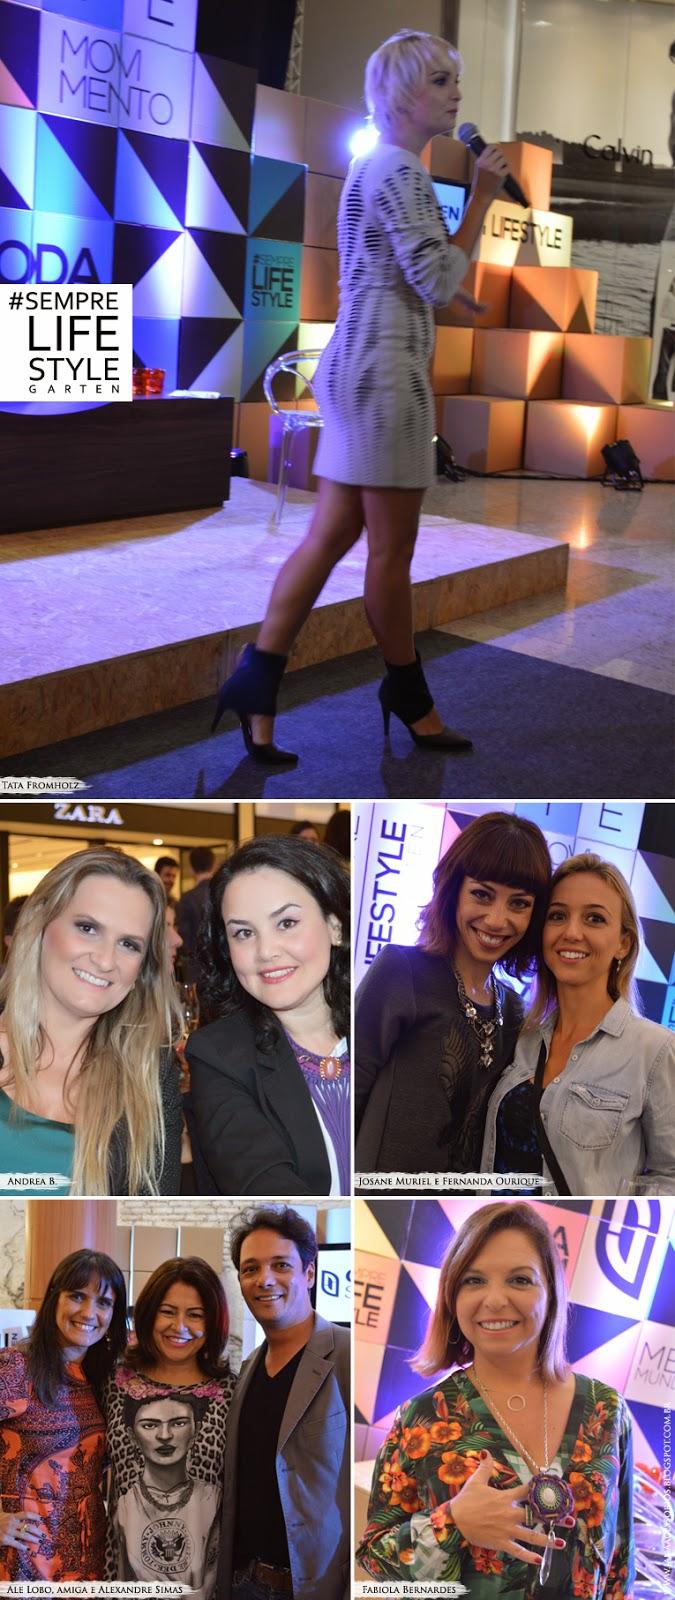 Garten Shopping, Joinville, moda, arte, opinião, estilo #semprelifestyle